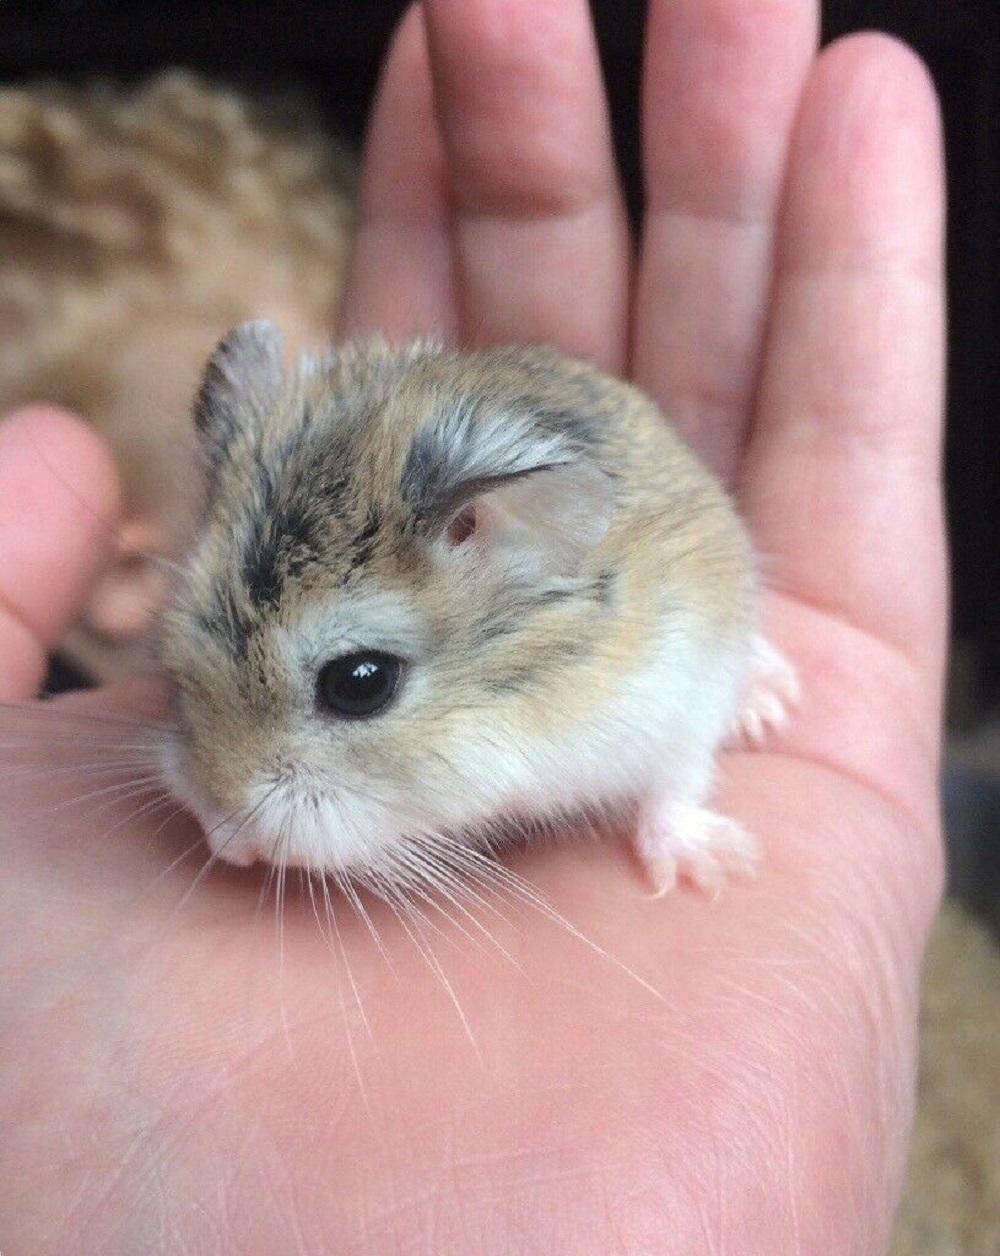 hamster roborosvki hamster enano parece un puerco espin